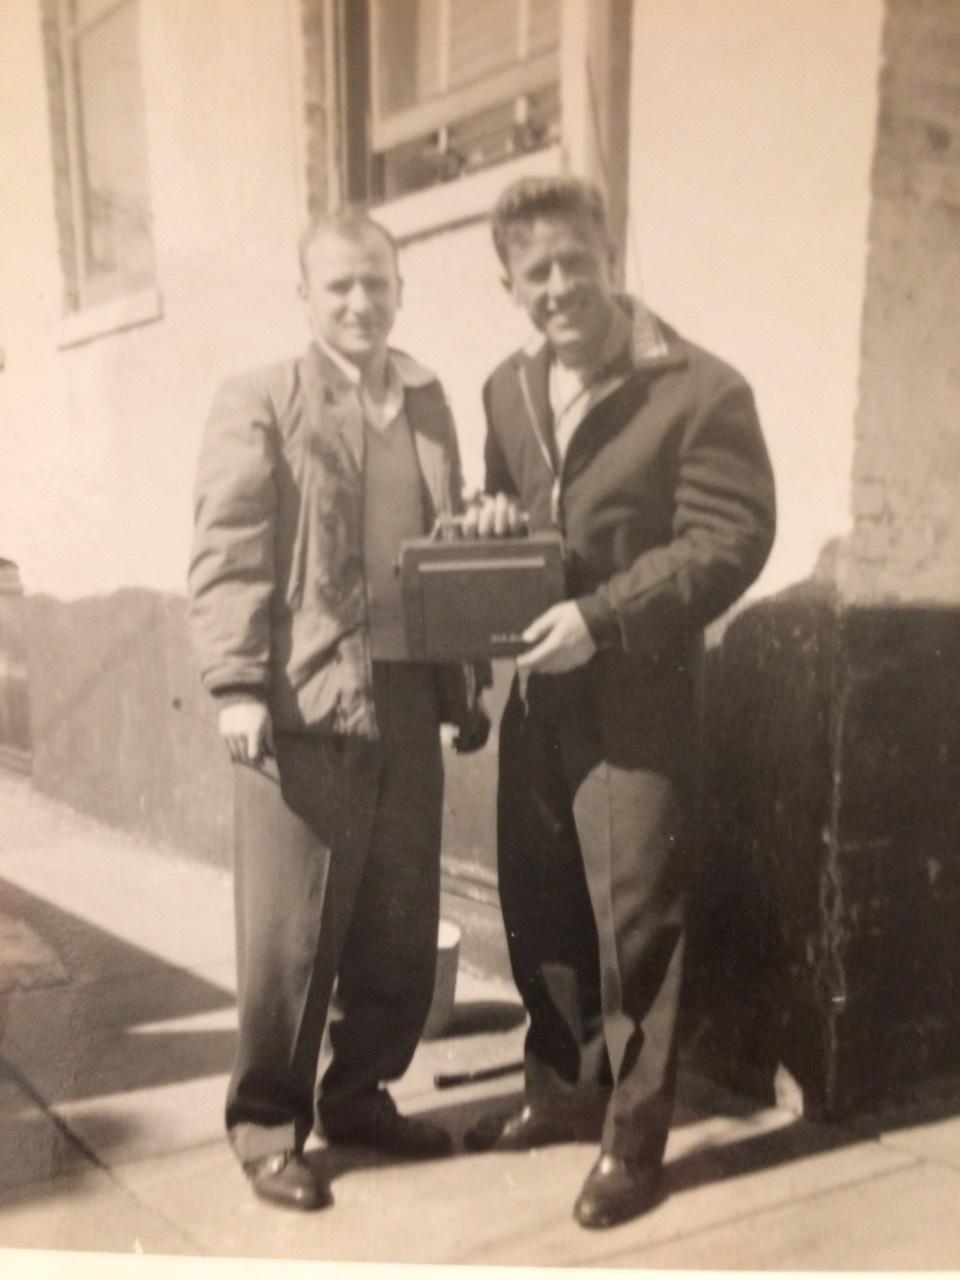 Me djalin e dajës Edip Mehmeti, pjesëmarrës i Luftës së Koresë, 1956